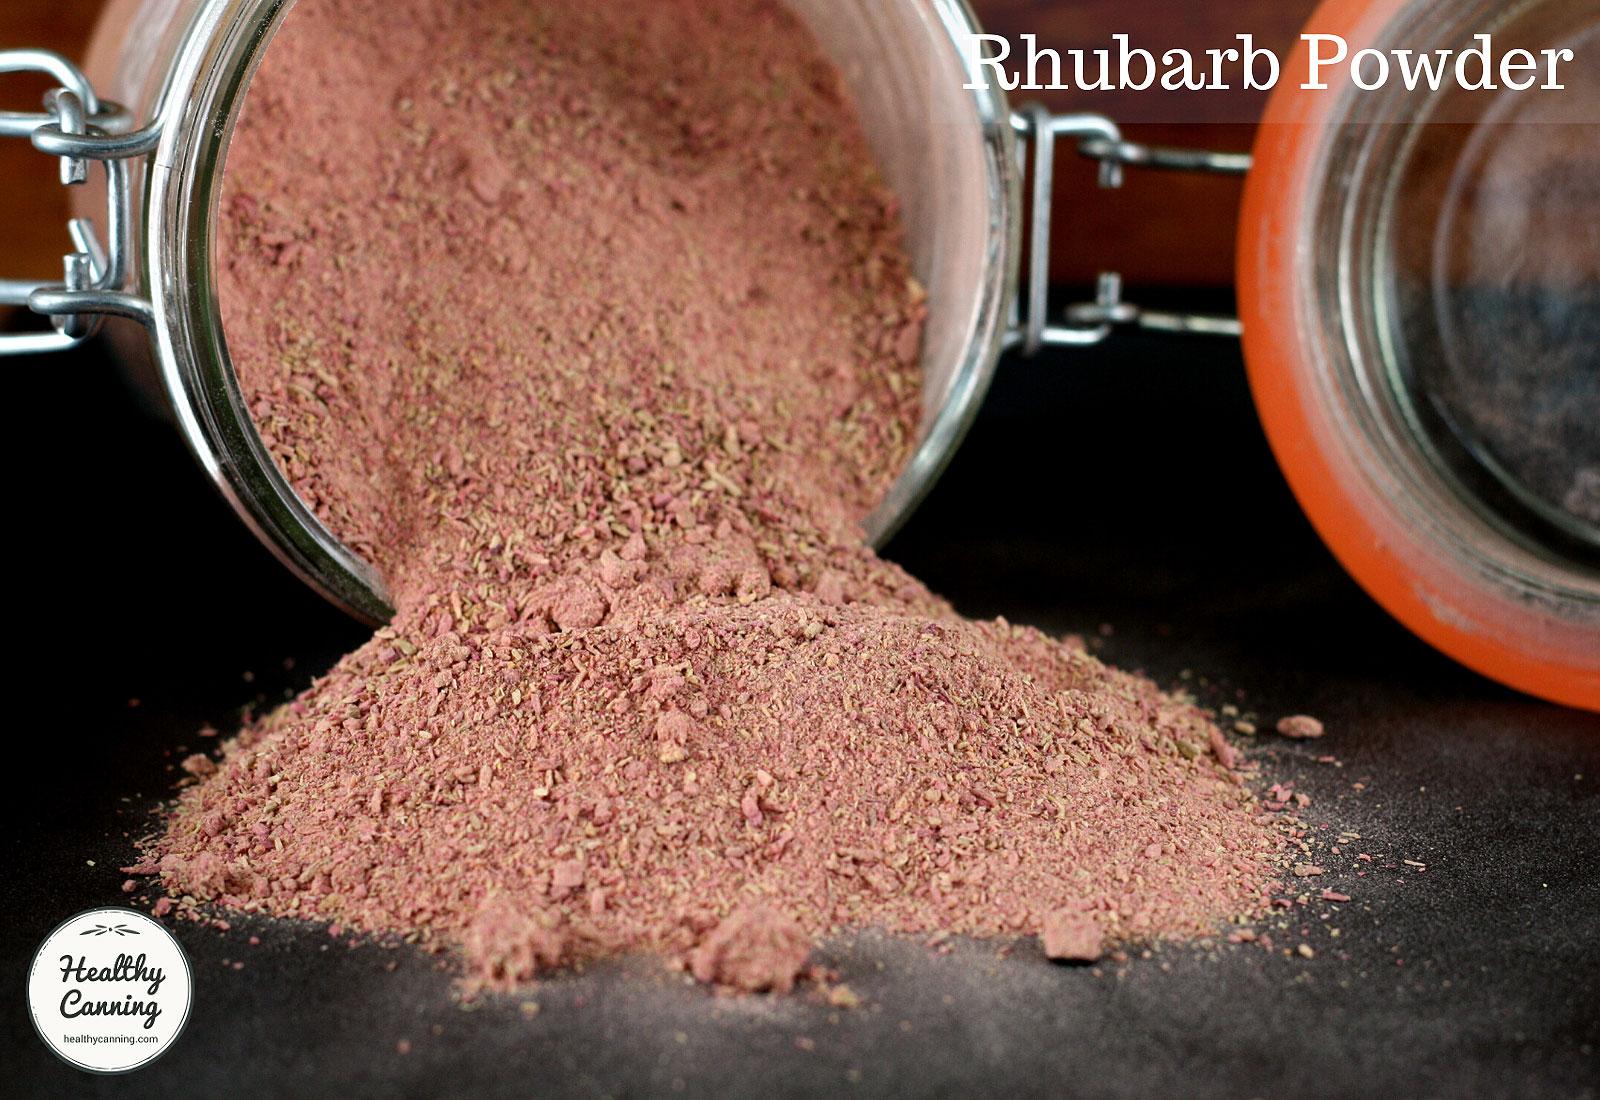 Rhubarb powder